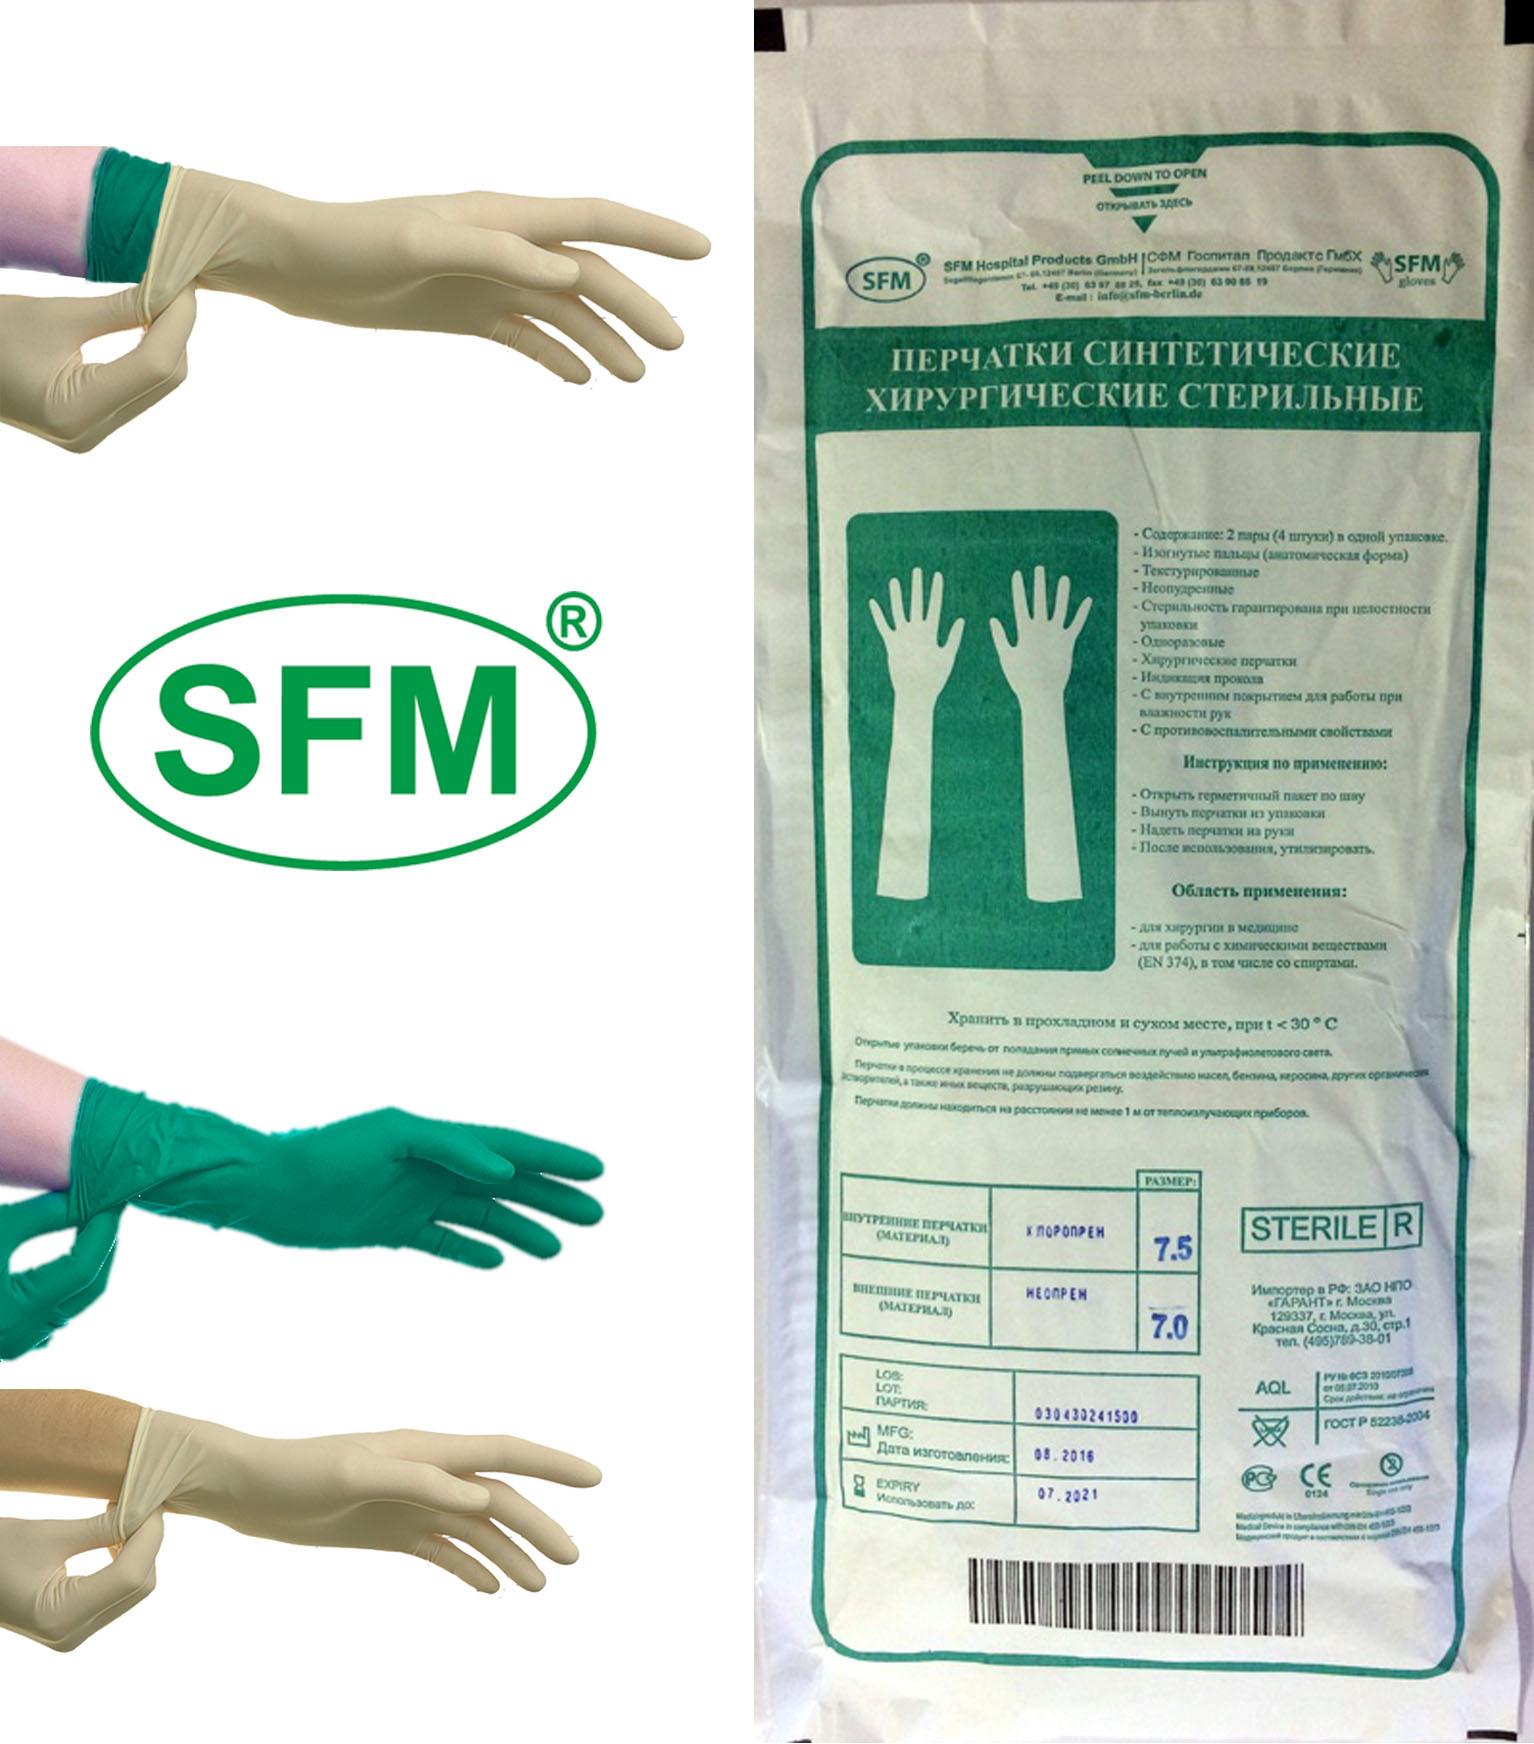 Купить Перчатки хирургические стерильные SFM размер L 2 пары